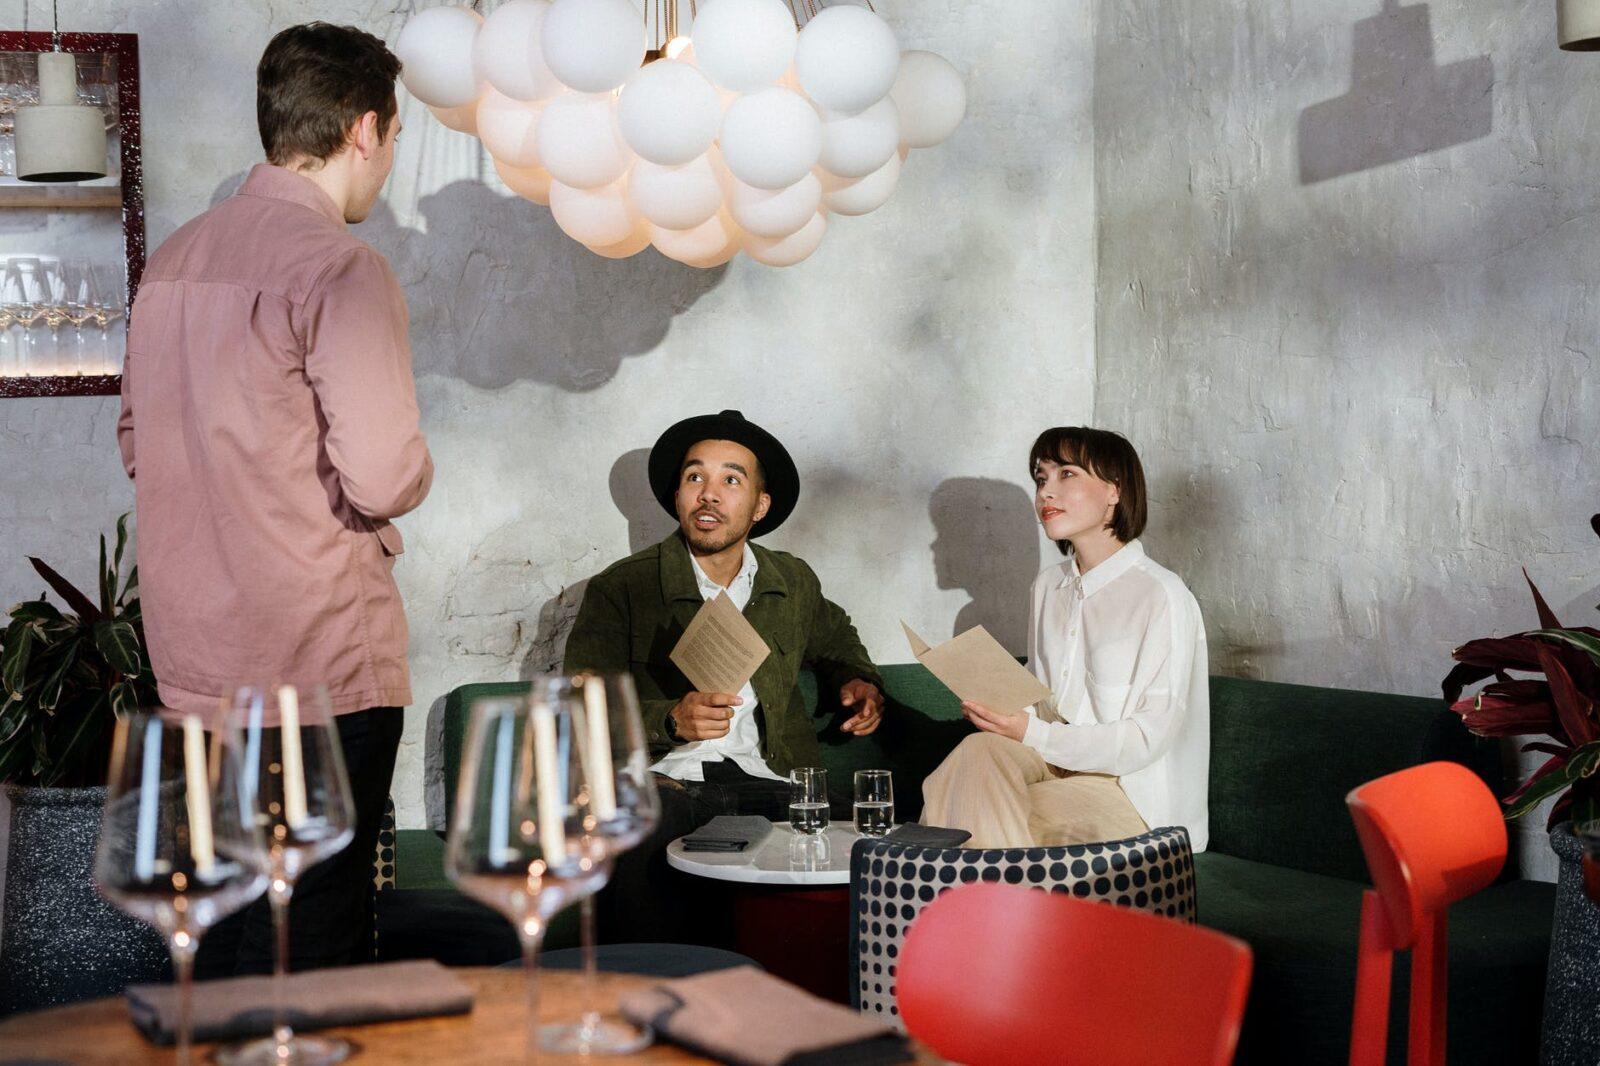 Finding Restaurants Online in Zetland